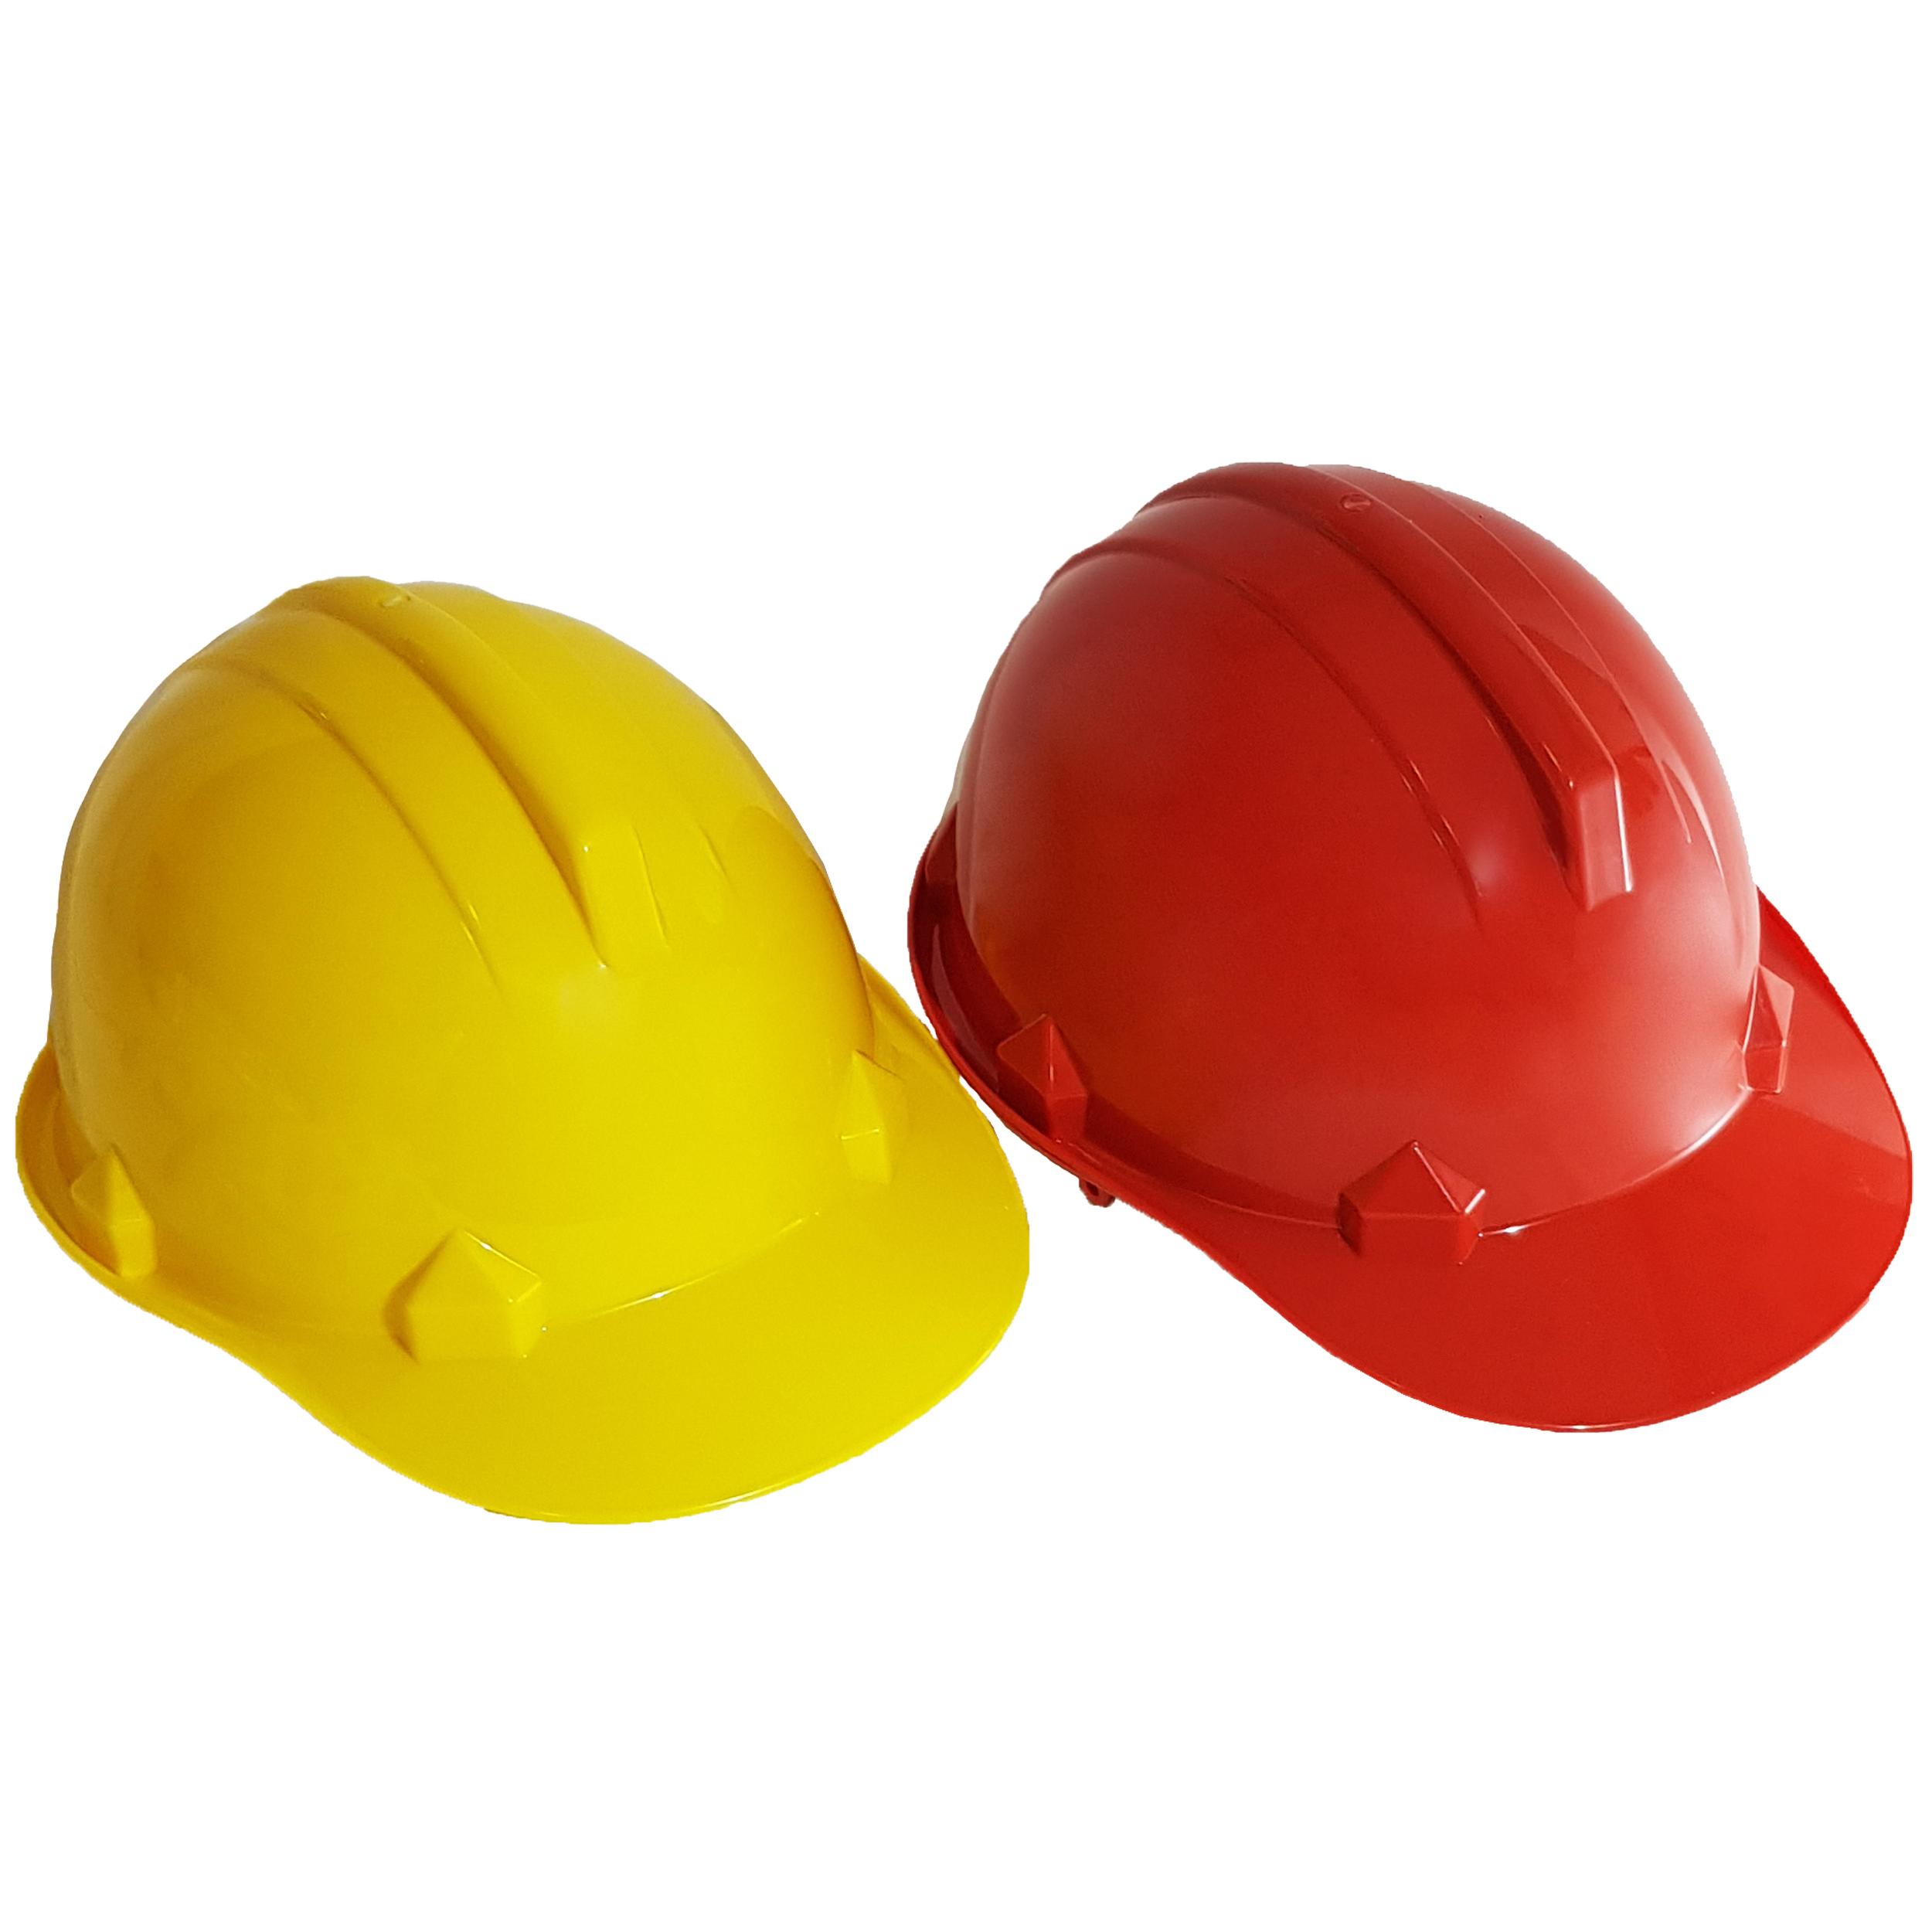 کلاه ایمنی مدل 1001 مجموعه 2 عددی